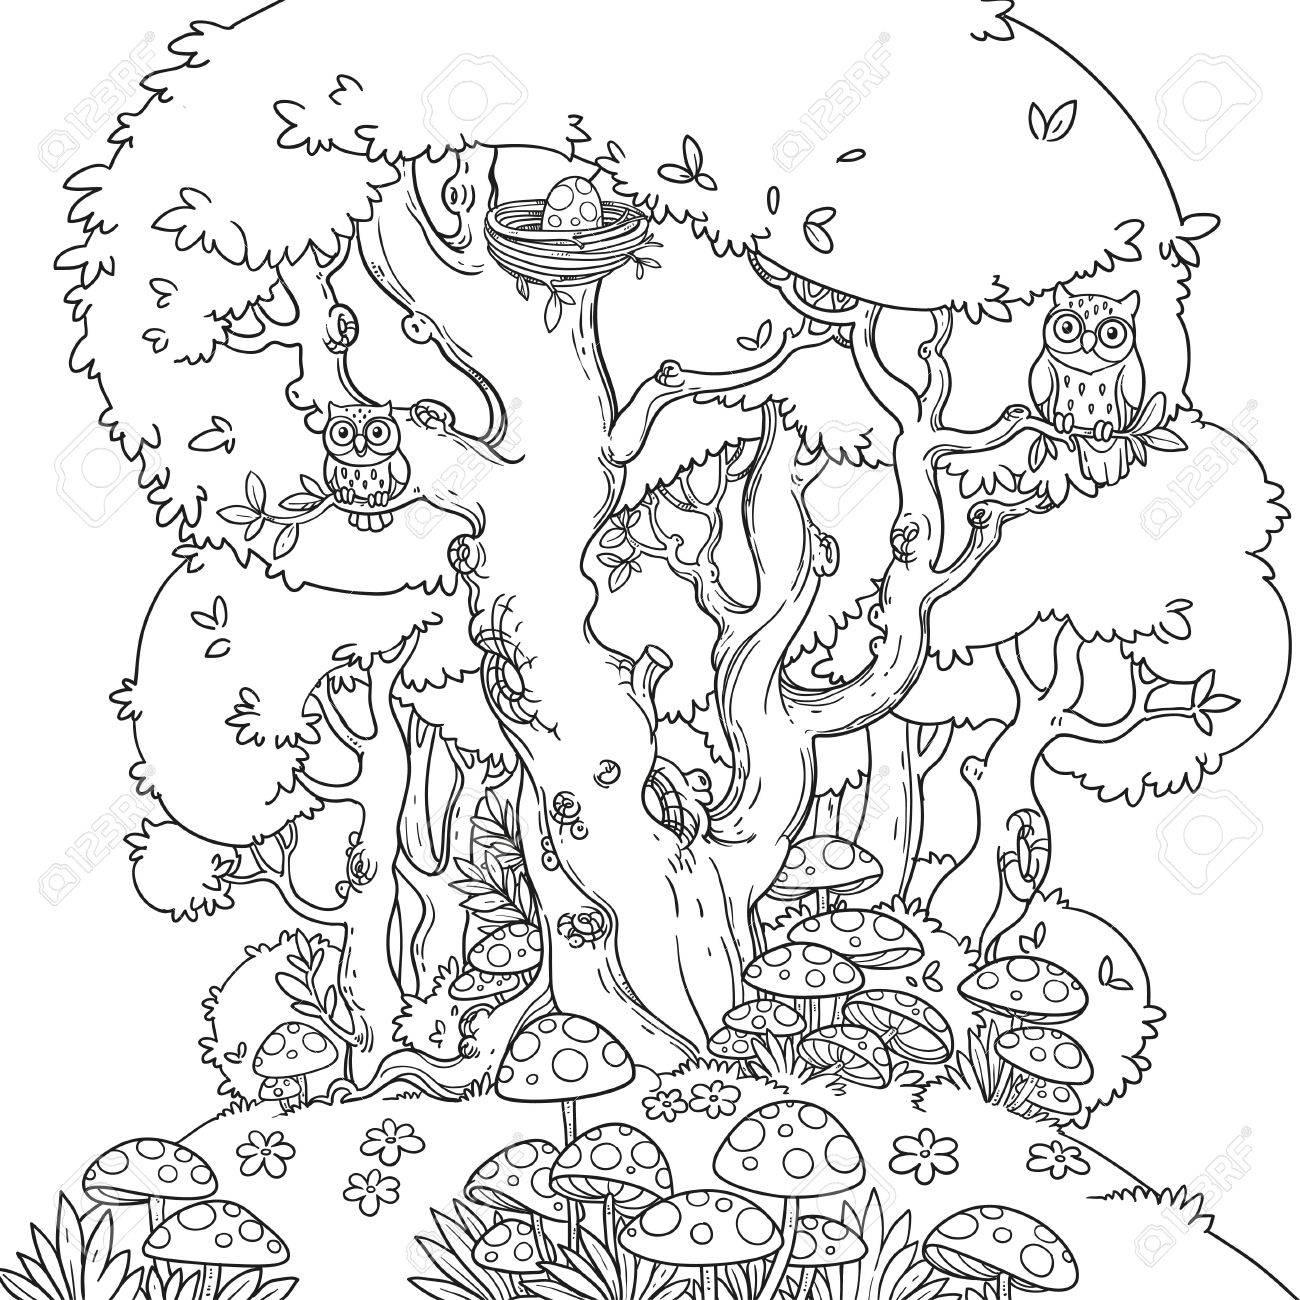 Dessin Au Trait D'une Clairière De La Forêt Avec Champignon Et Un Grand  Arbre Qui Abrite Des Hiboux Isolés Sur Fond Blanc concernant Dessin De Foret